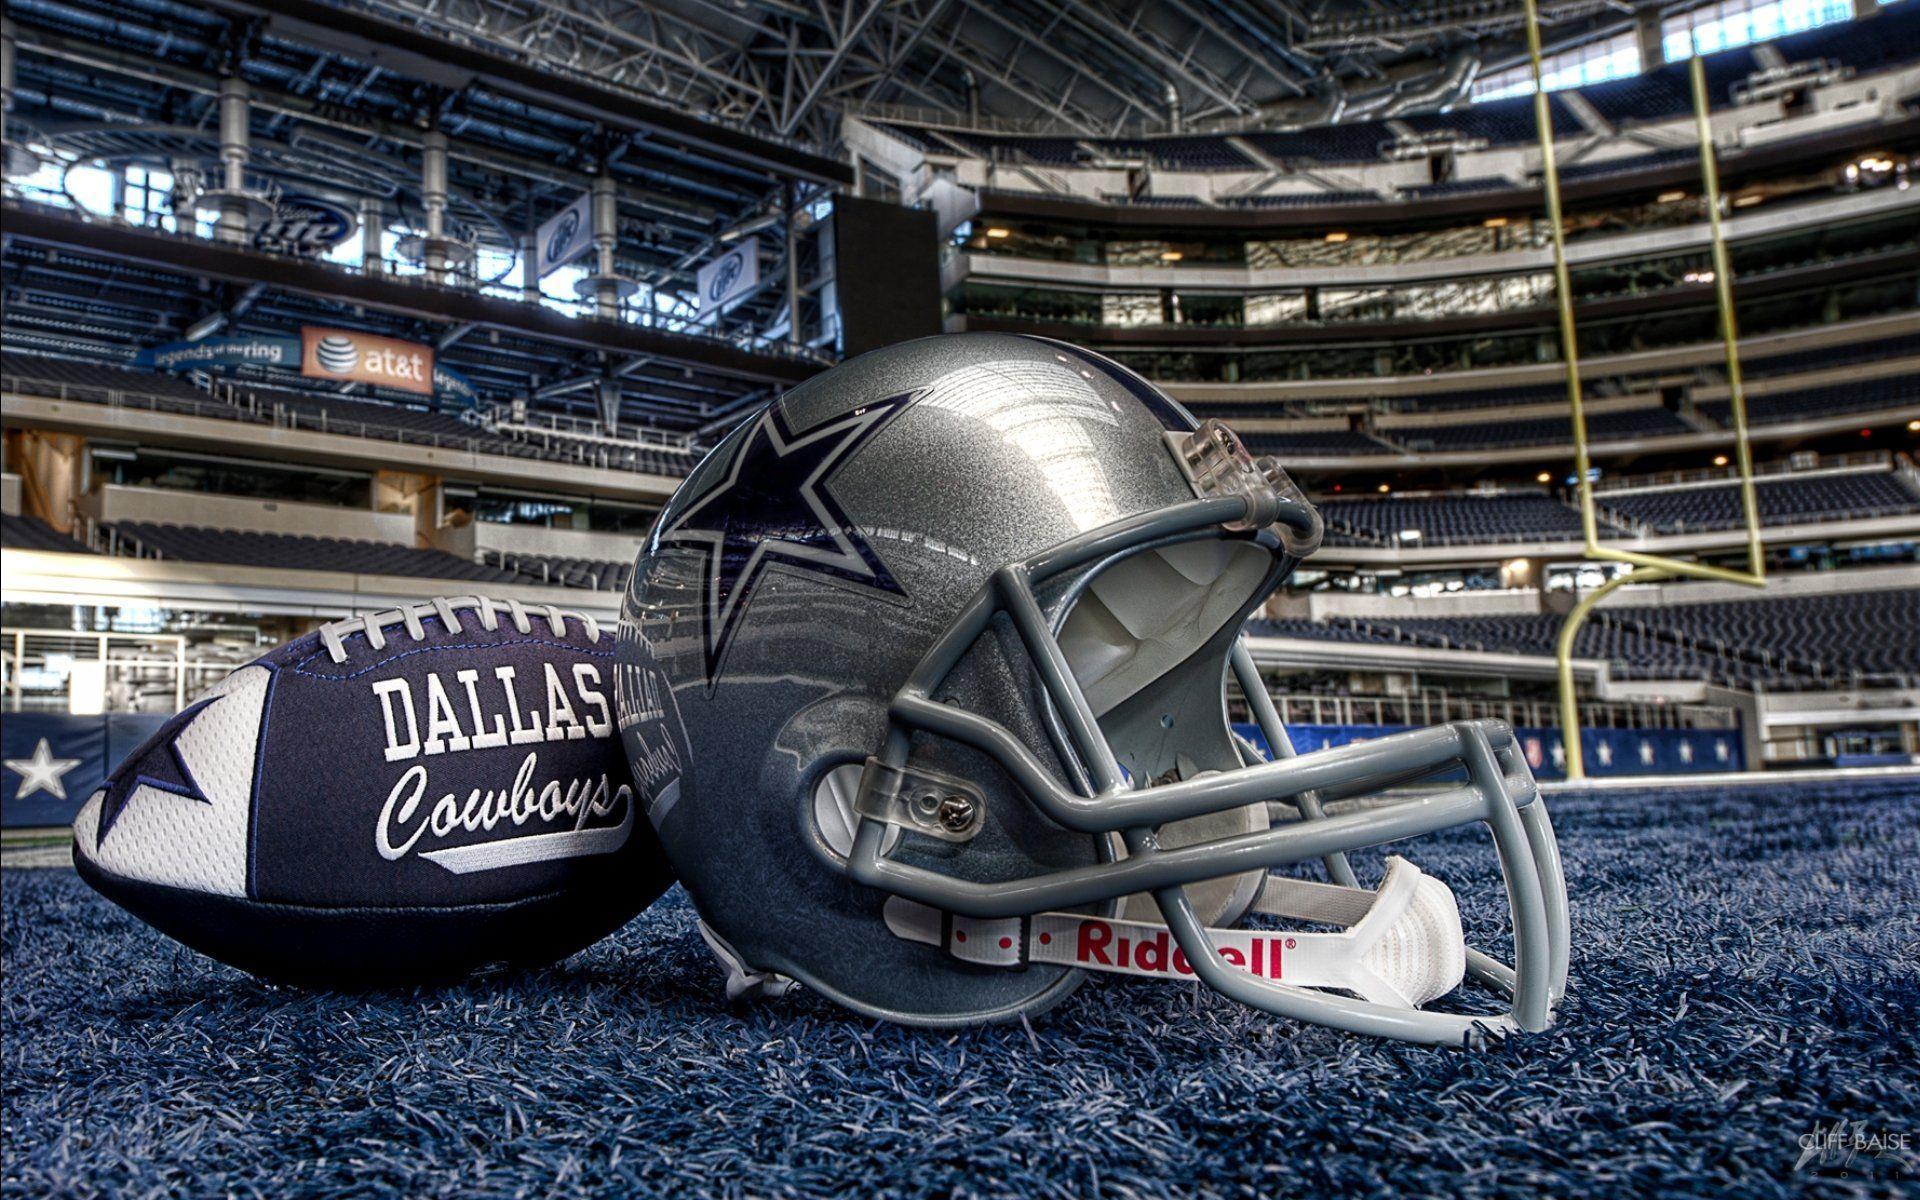 Dallas Cowboys Hd Wallpapers Wallpaper Cave